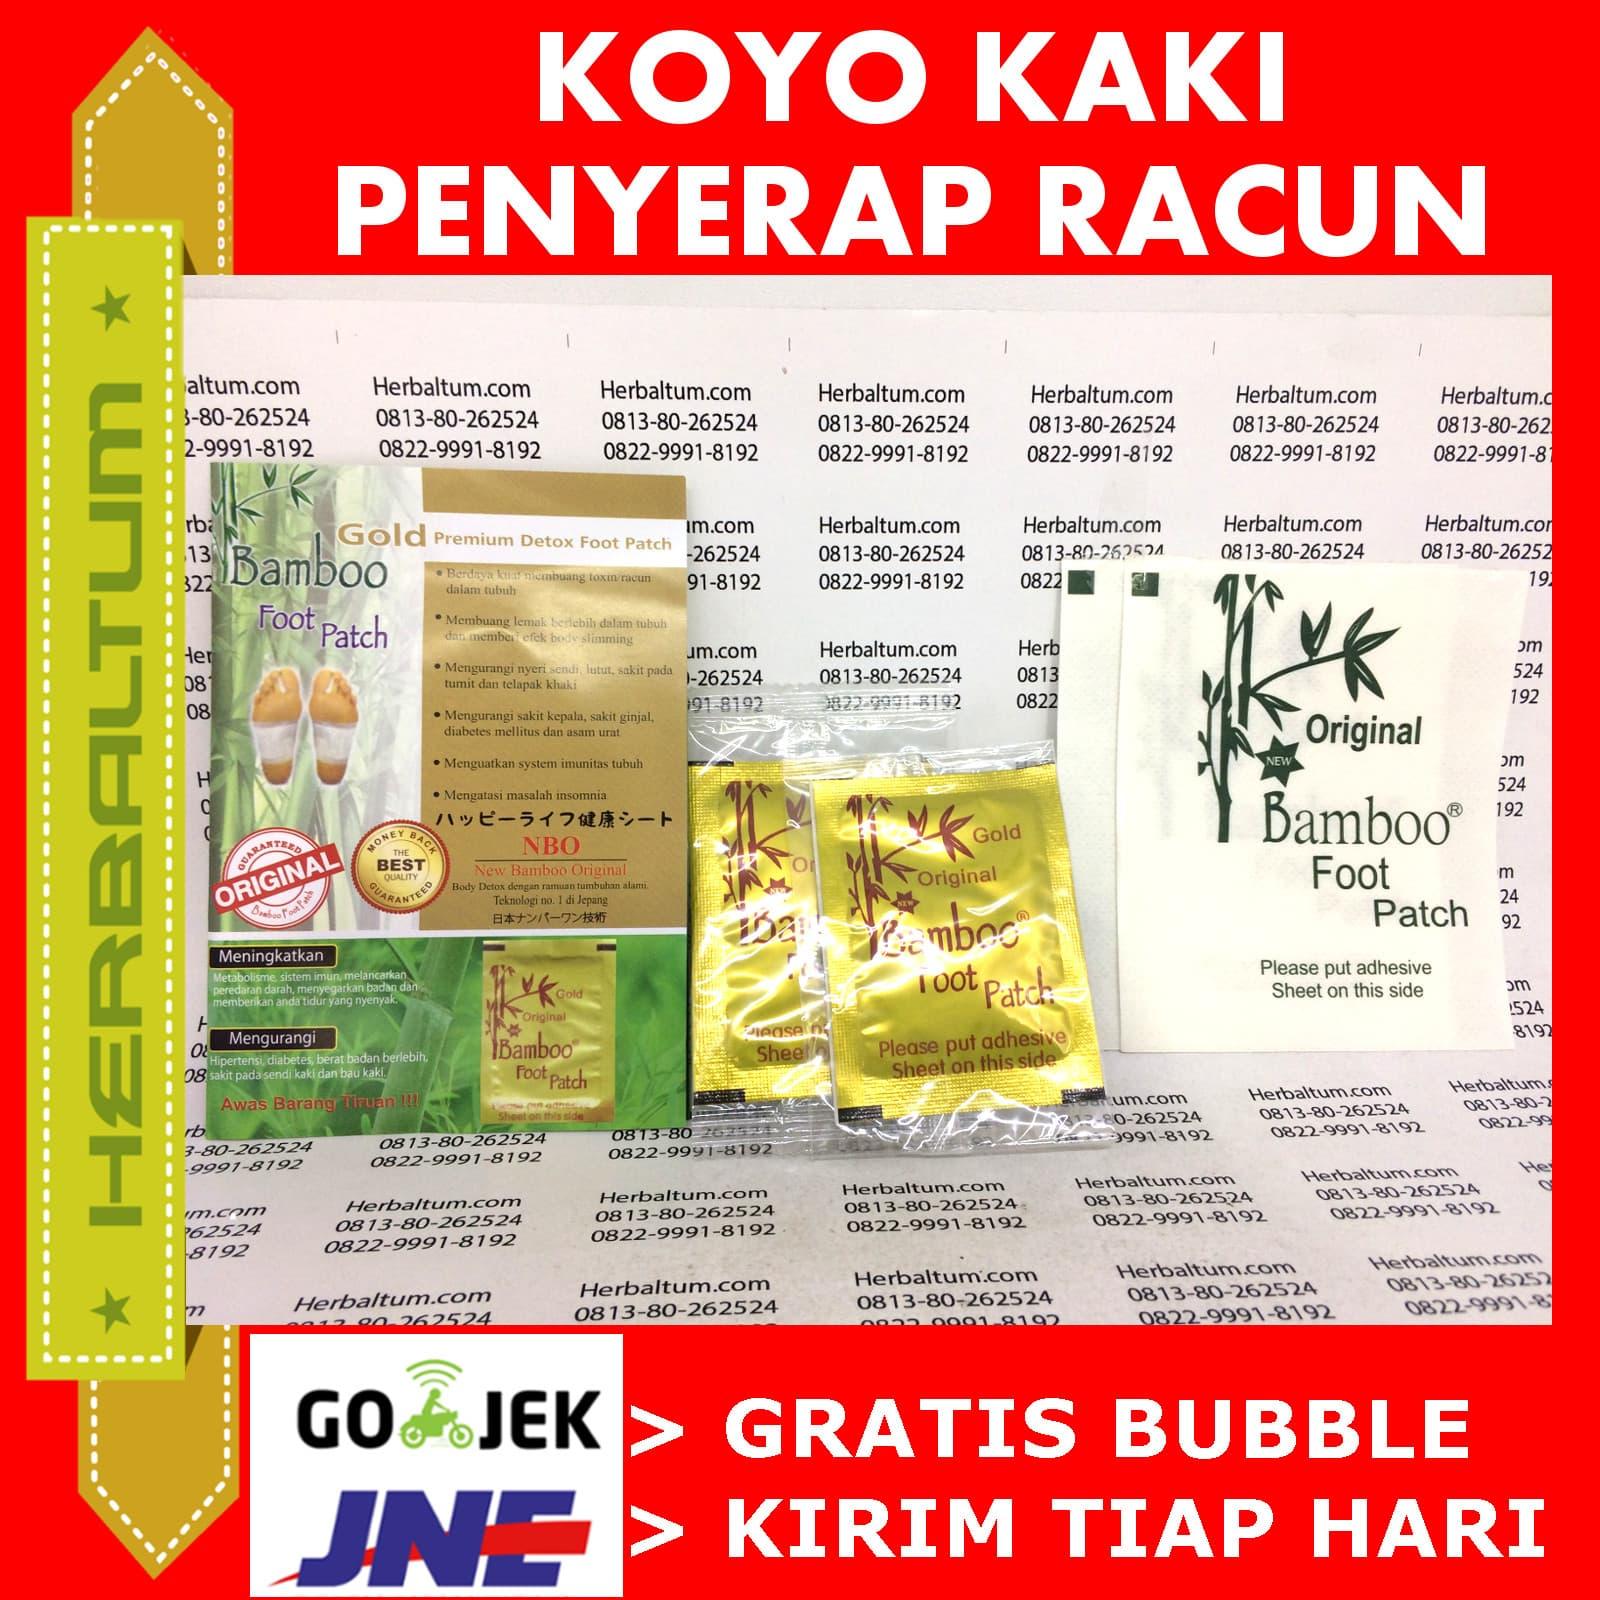 Jual Koyo Kaki Bamboo Gold Premium Original - Stiker Polos - Febryan Paudi | Tokopedia